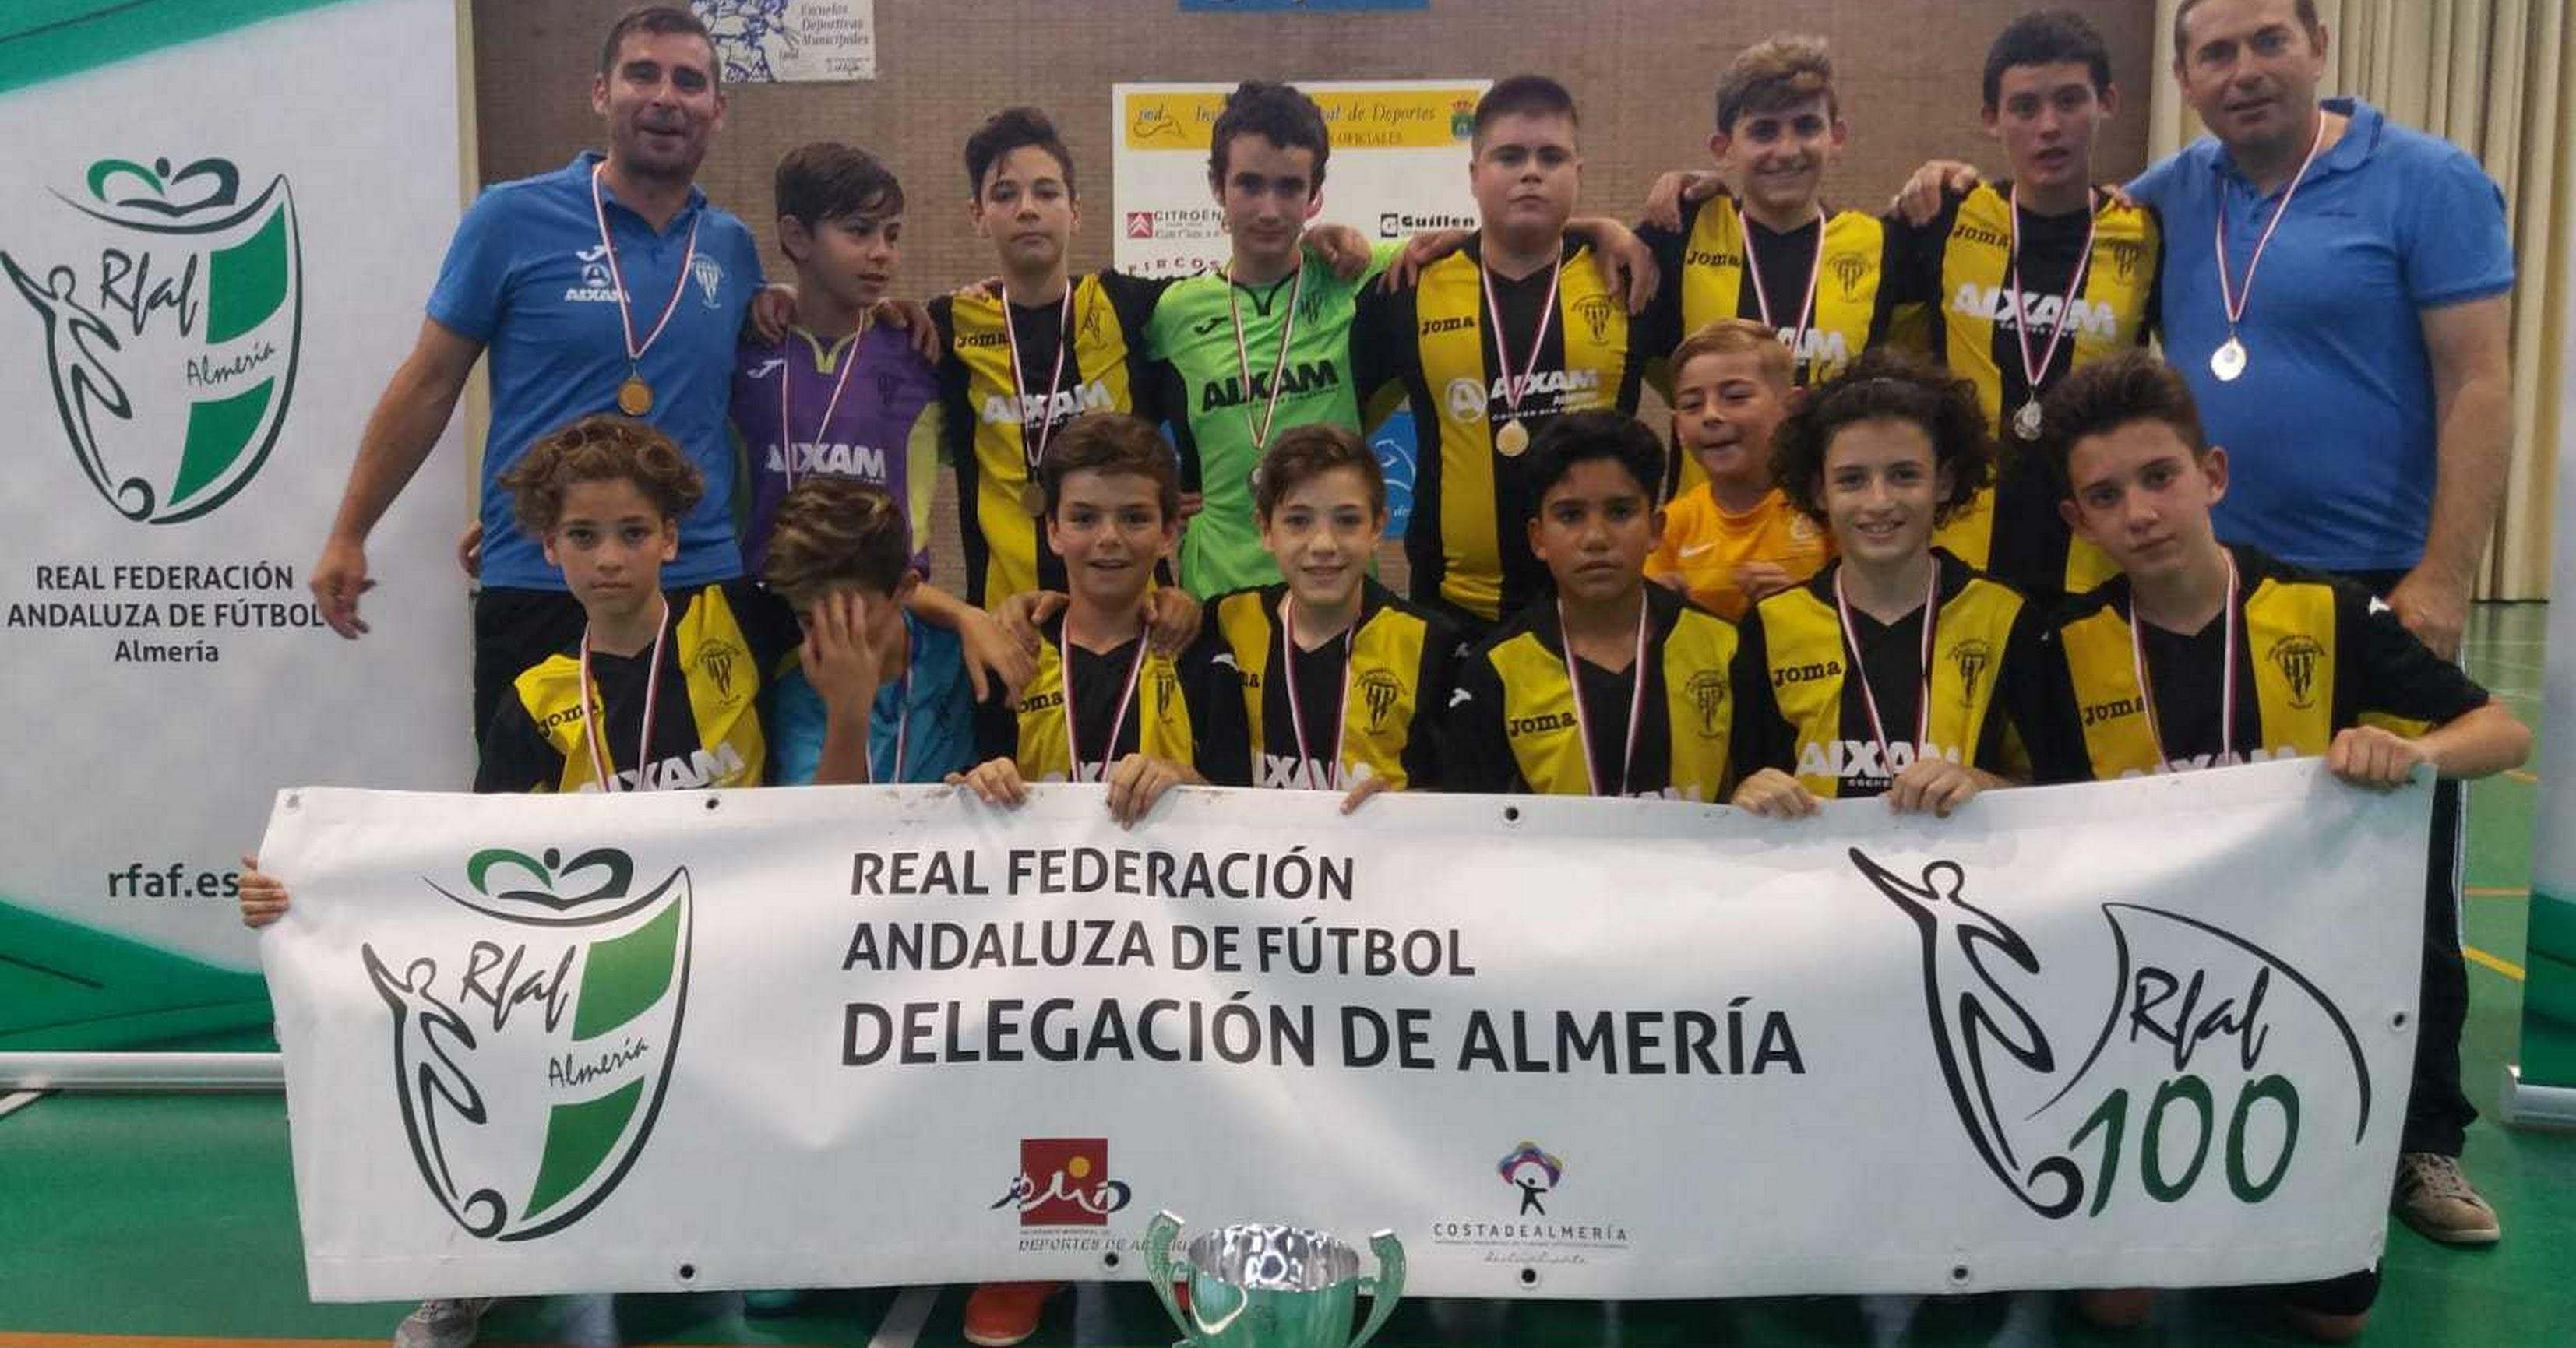 Los campeones posan con la Copa de Almería.